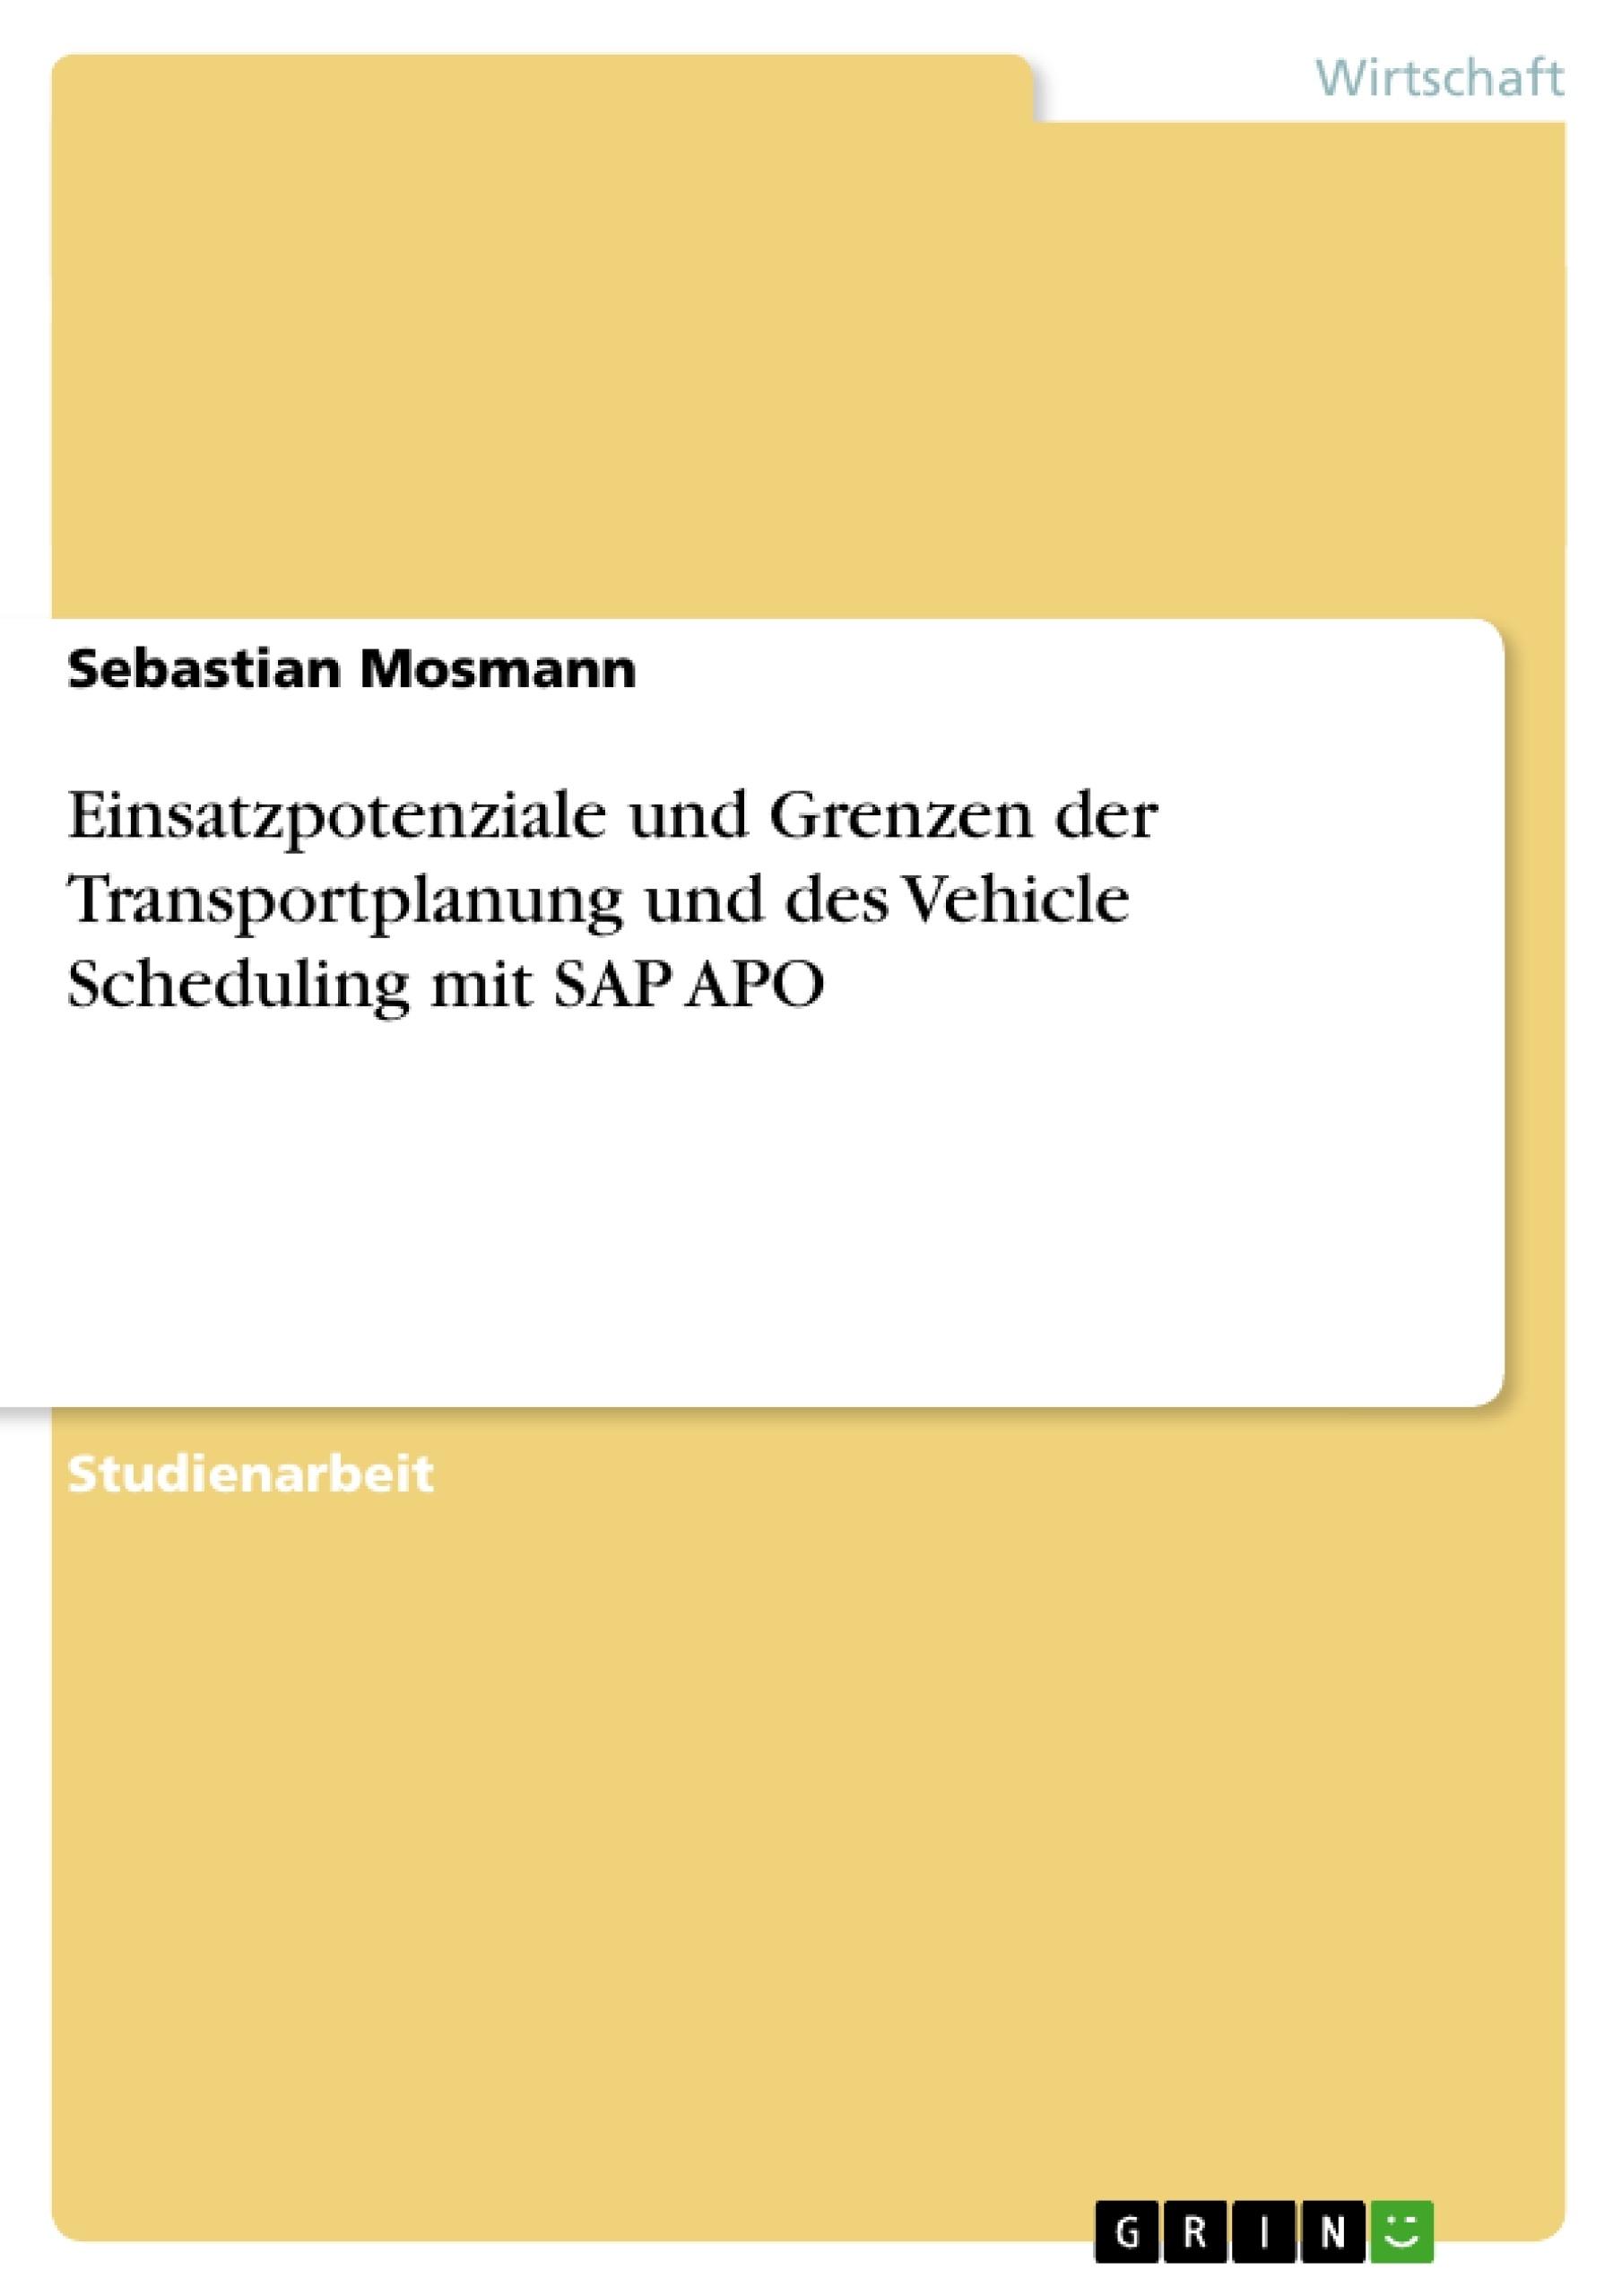 Titel: Einsatzpotenziale und Grenzen der Transportplanung und des Vehicle Scheduling mit SAP APO